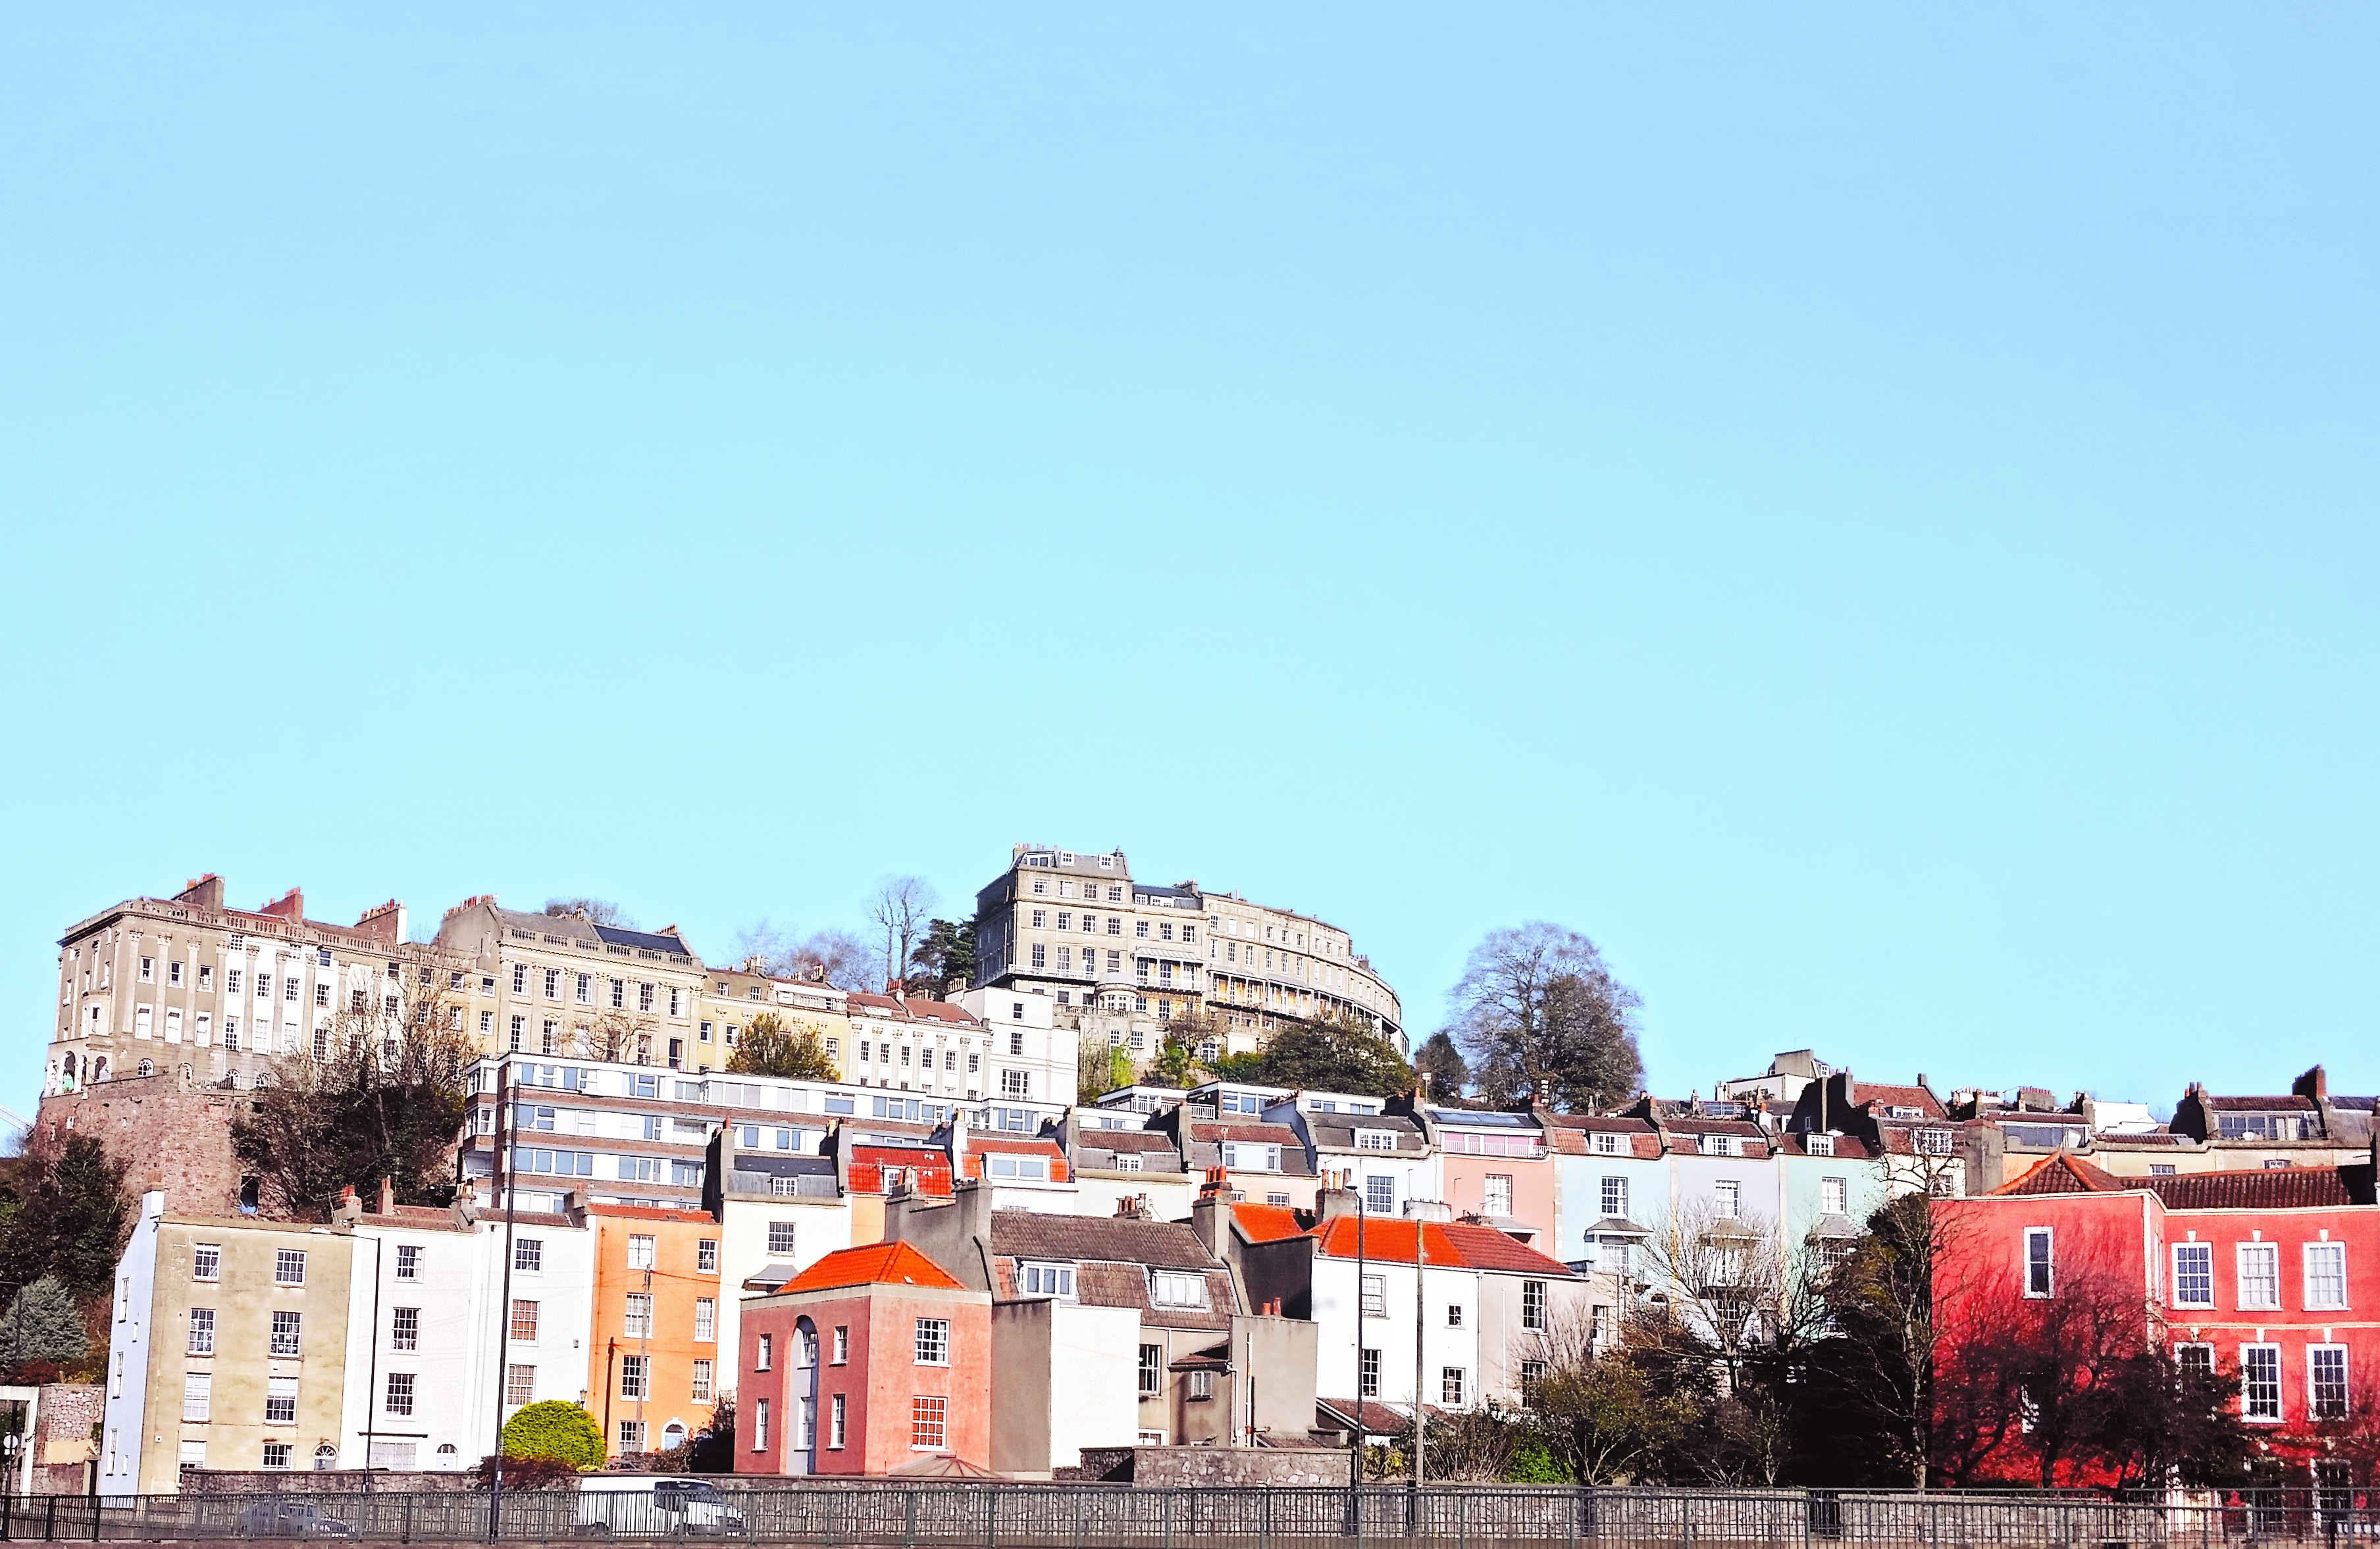 Bristol suburbs